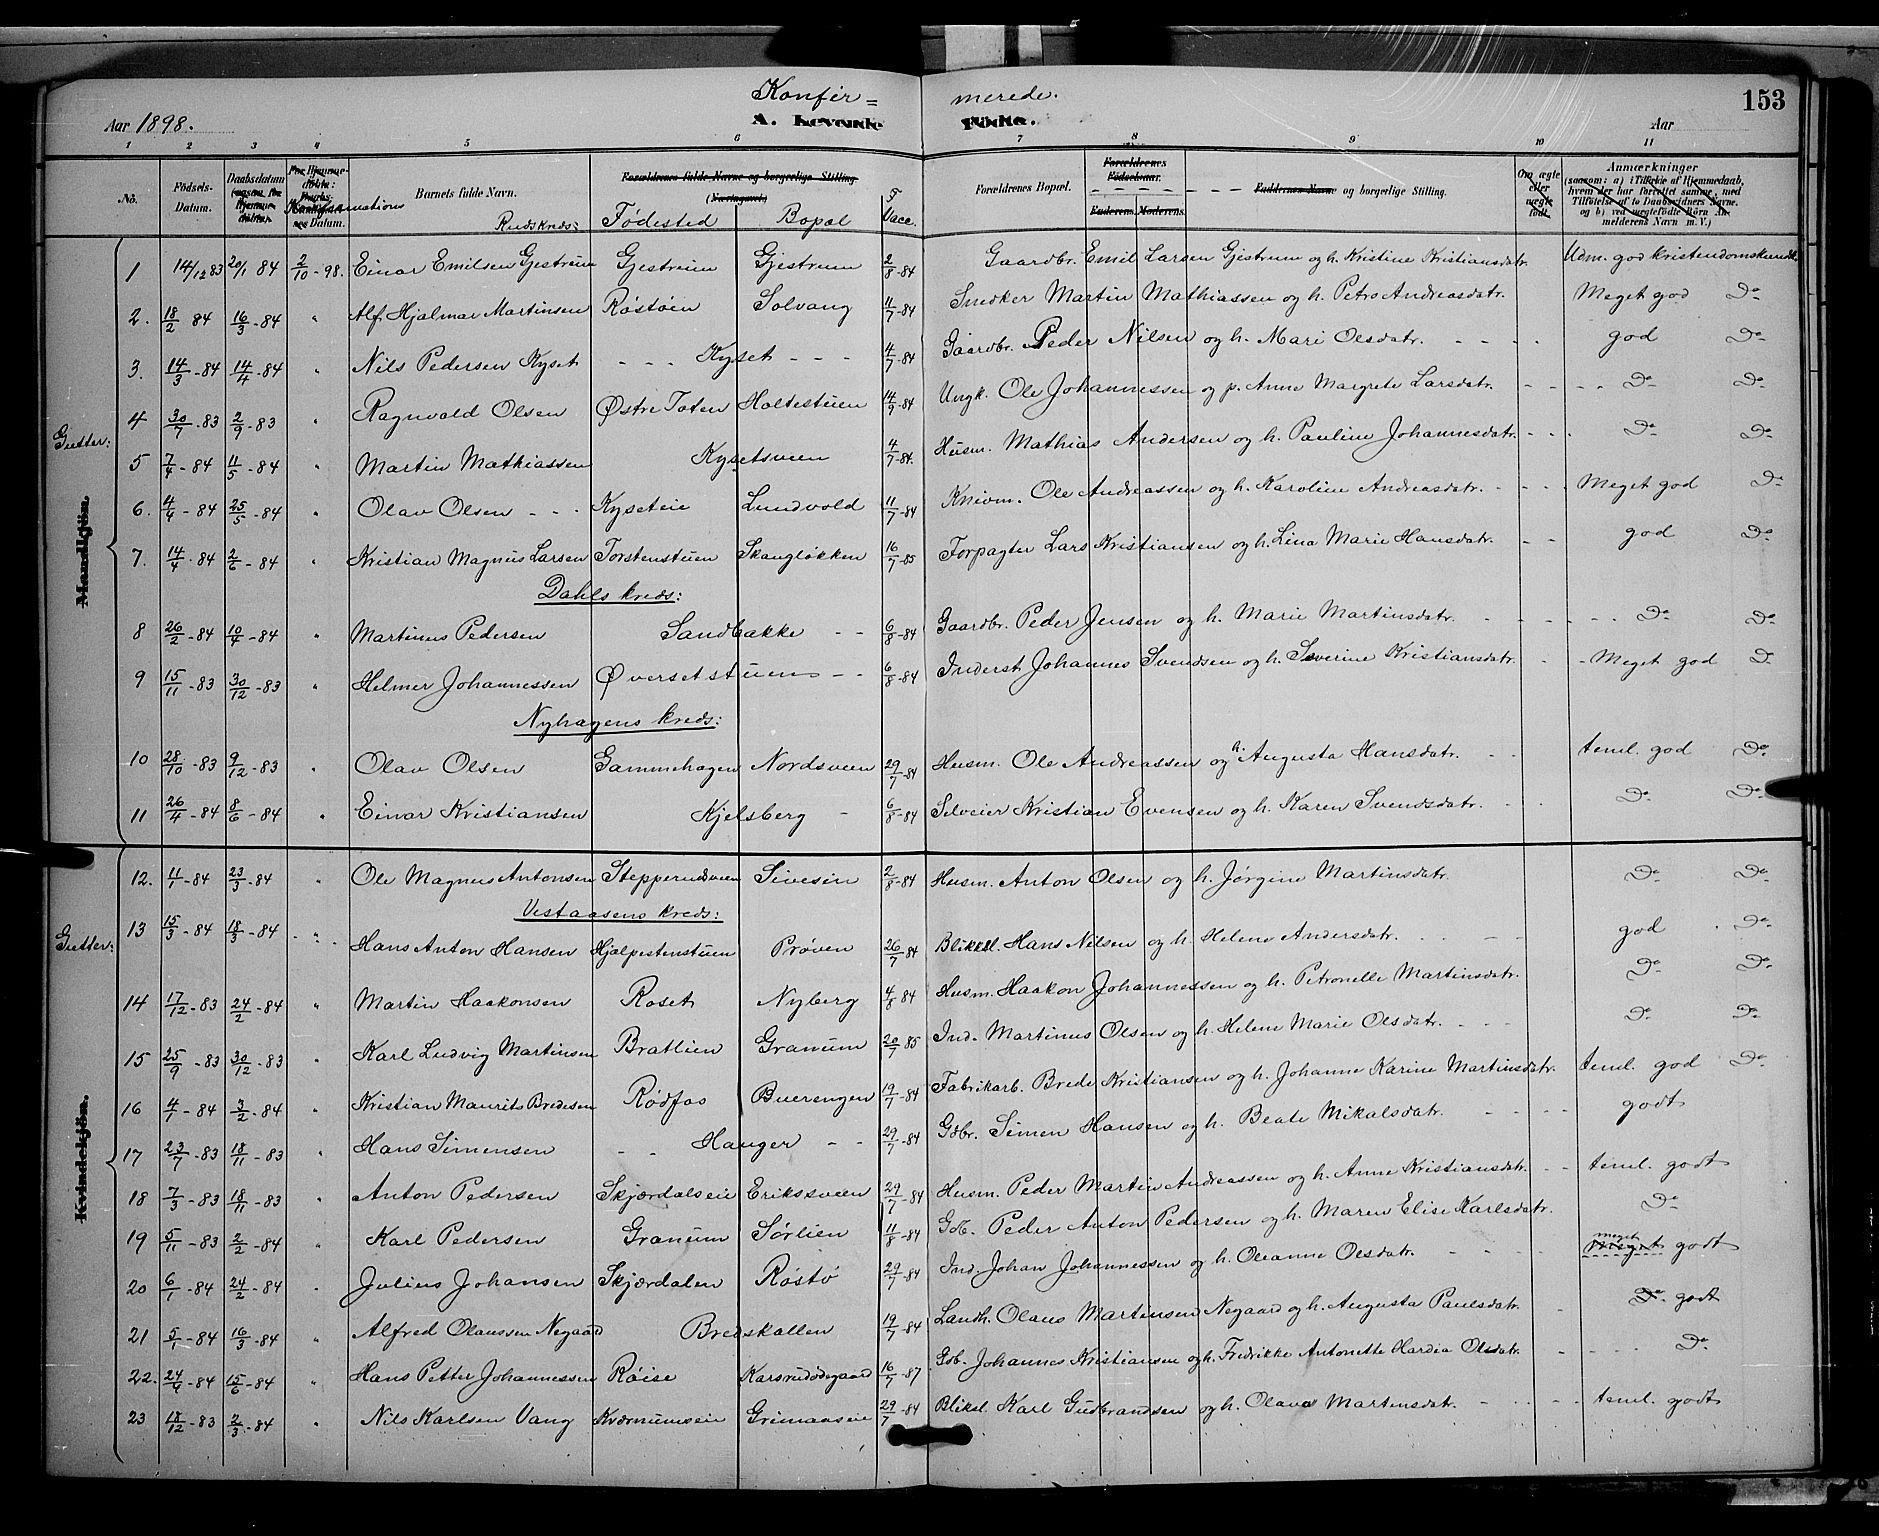 SAH, Vestre Toten prestekontor, Klokkerbok nr. 9, 1888-1900, s. 153